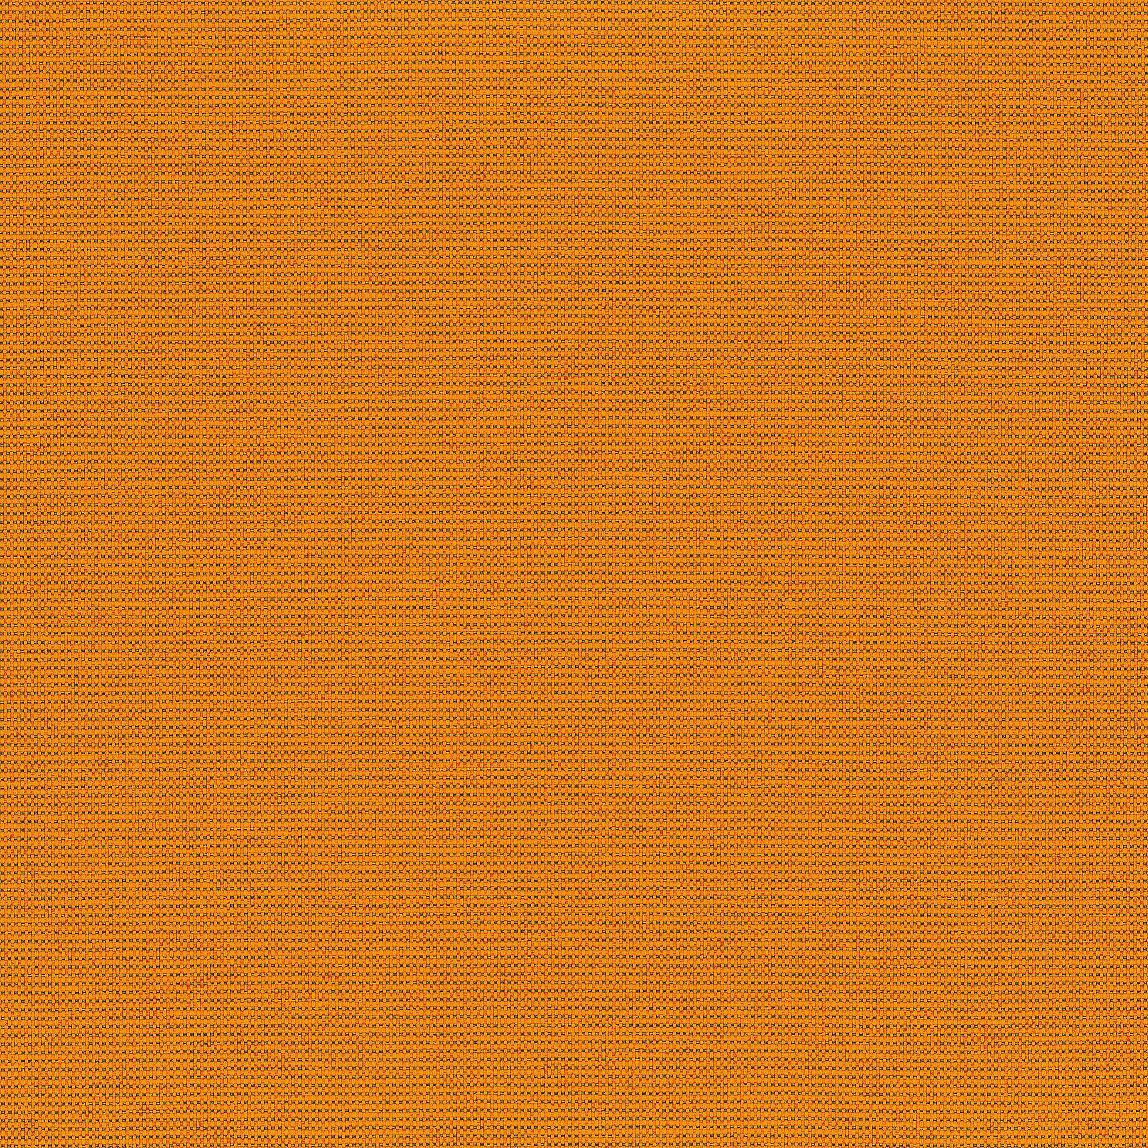 Dapper Marigold Swatch